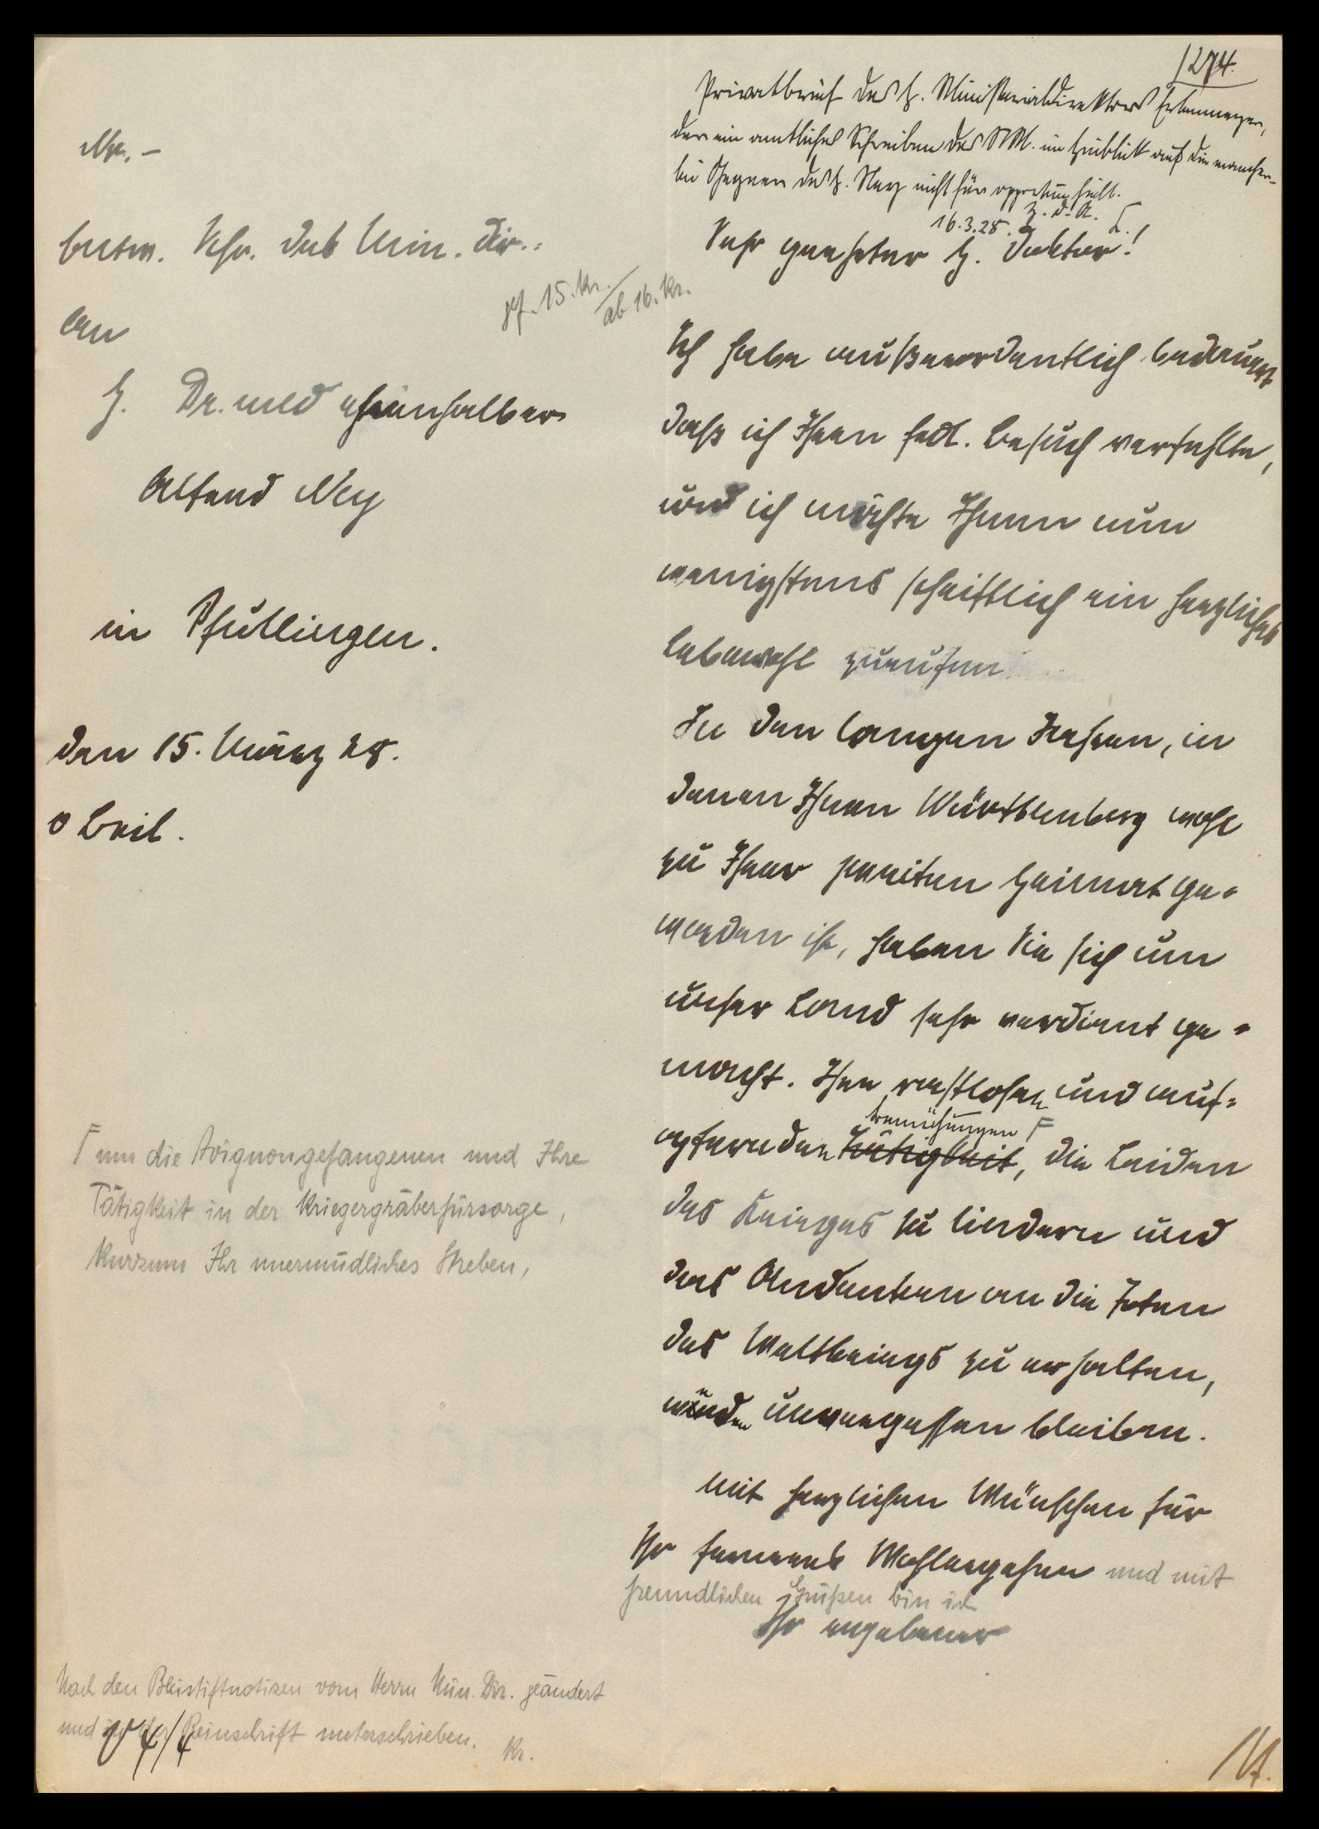 Bemühungen um Freilassung der kriegsgerichtlich bestraften deutschen Kriegsgefangenen in Avignon und ihre Rückkehr, Bild 2